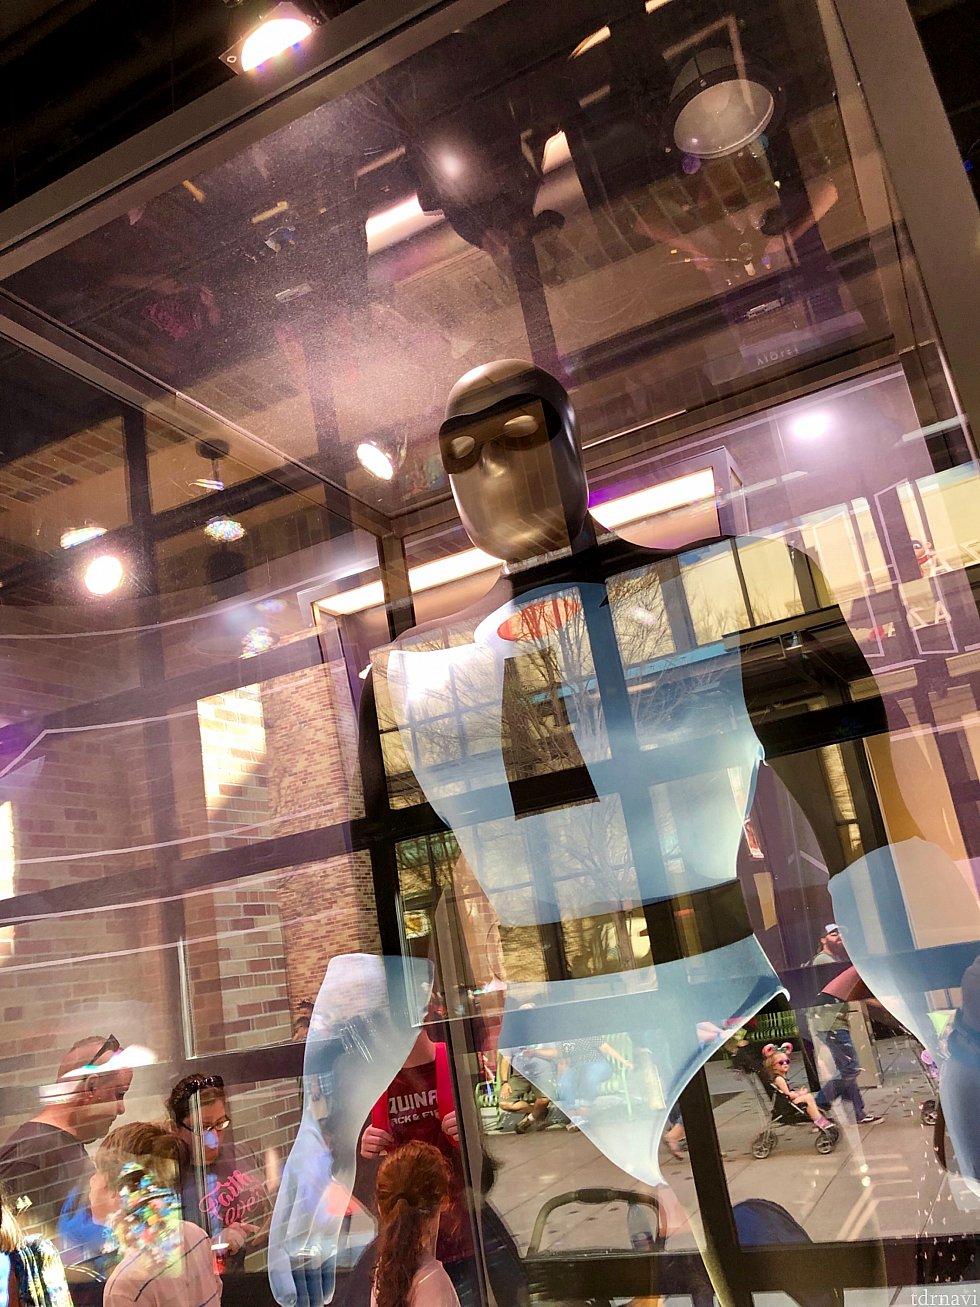 エドナのオフィスと言うことで、彼女がデザインしたヒーロー達のスーツが展示されています。